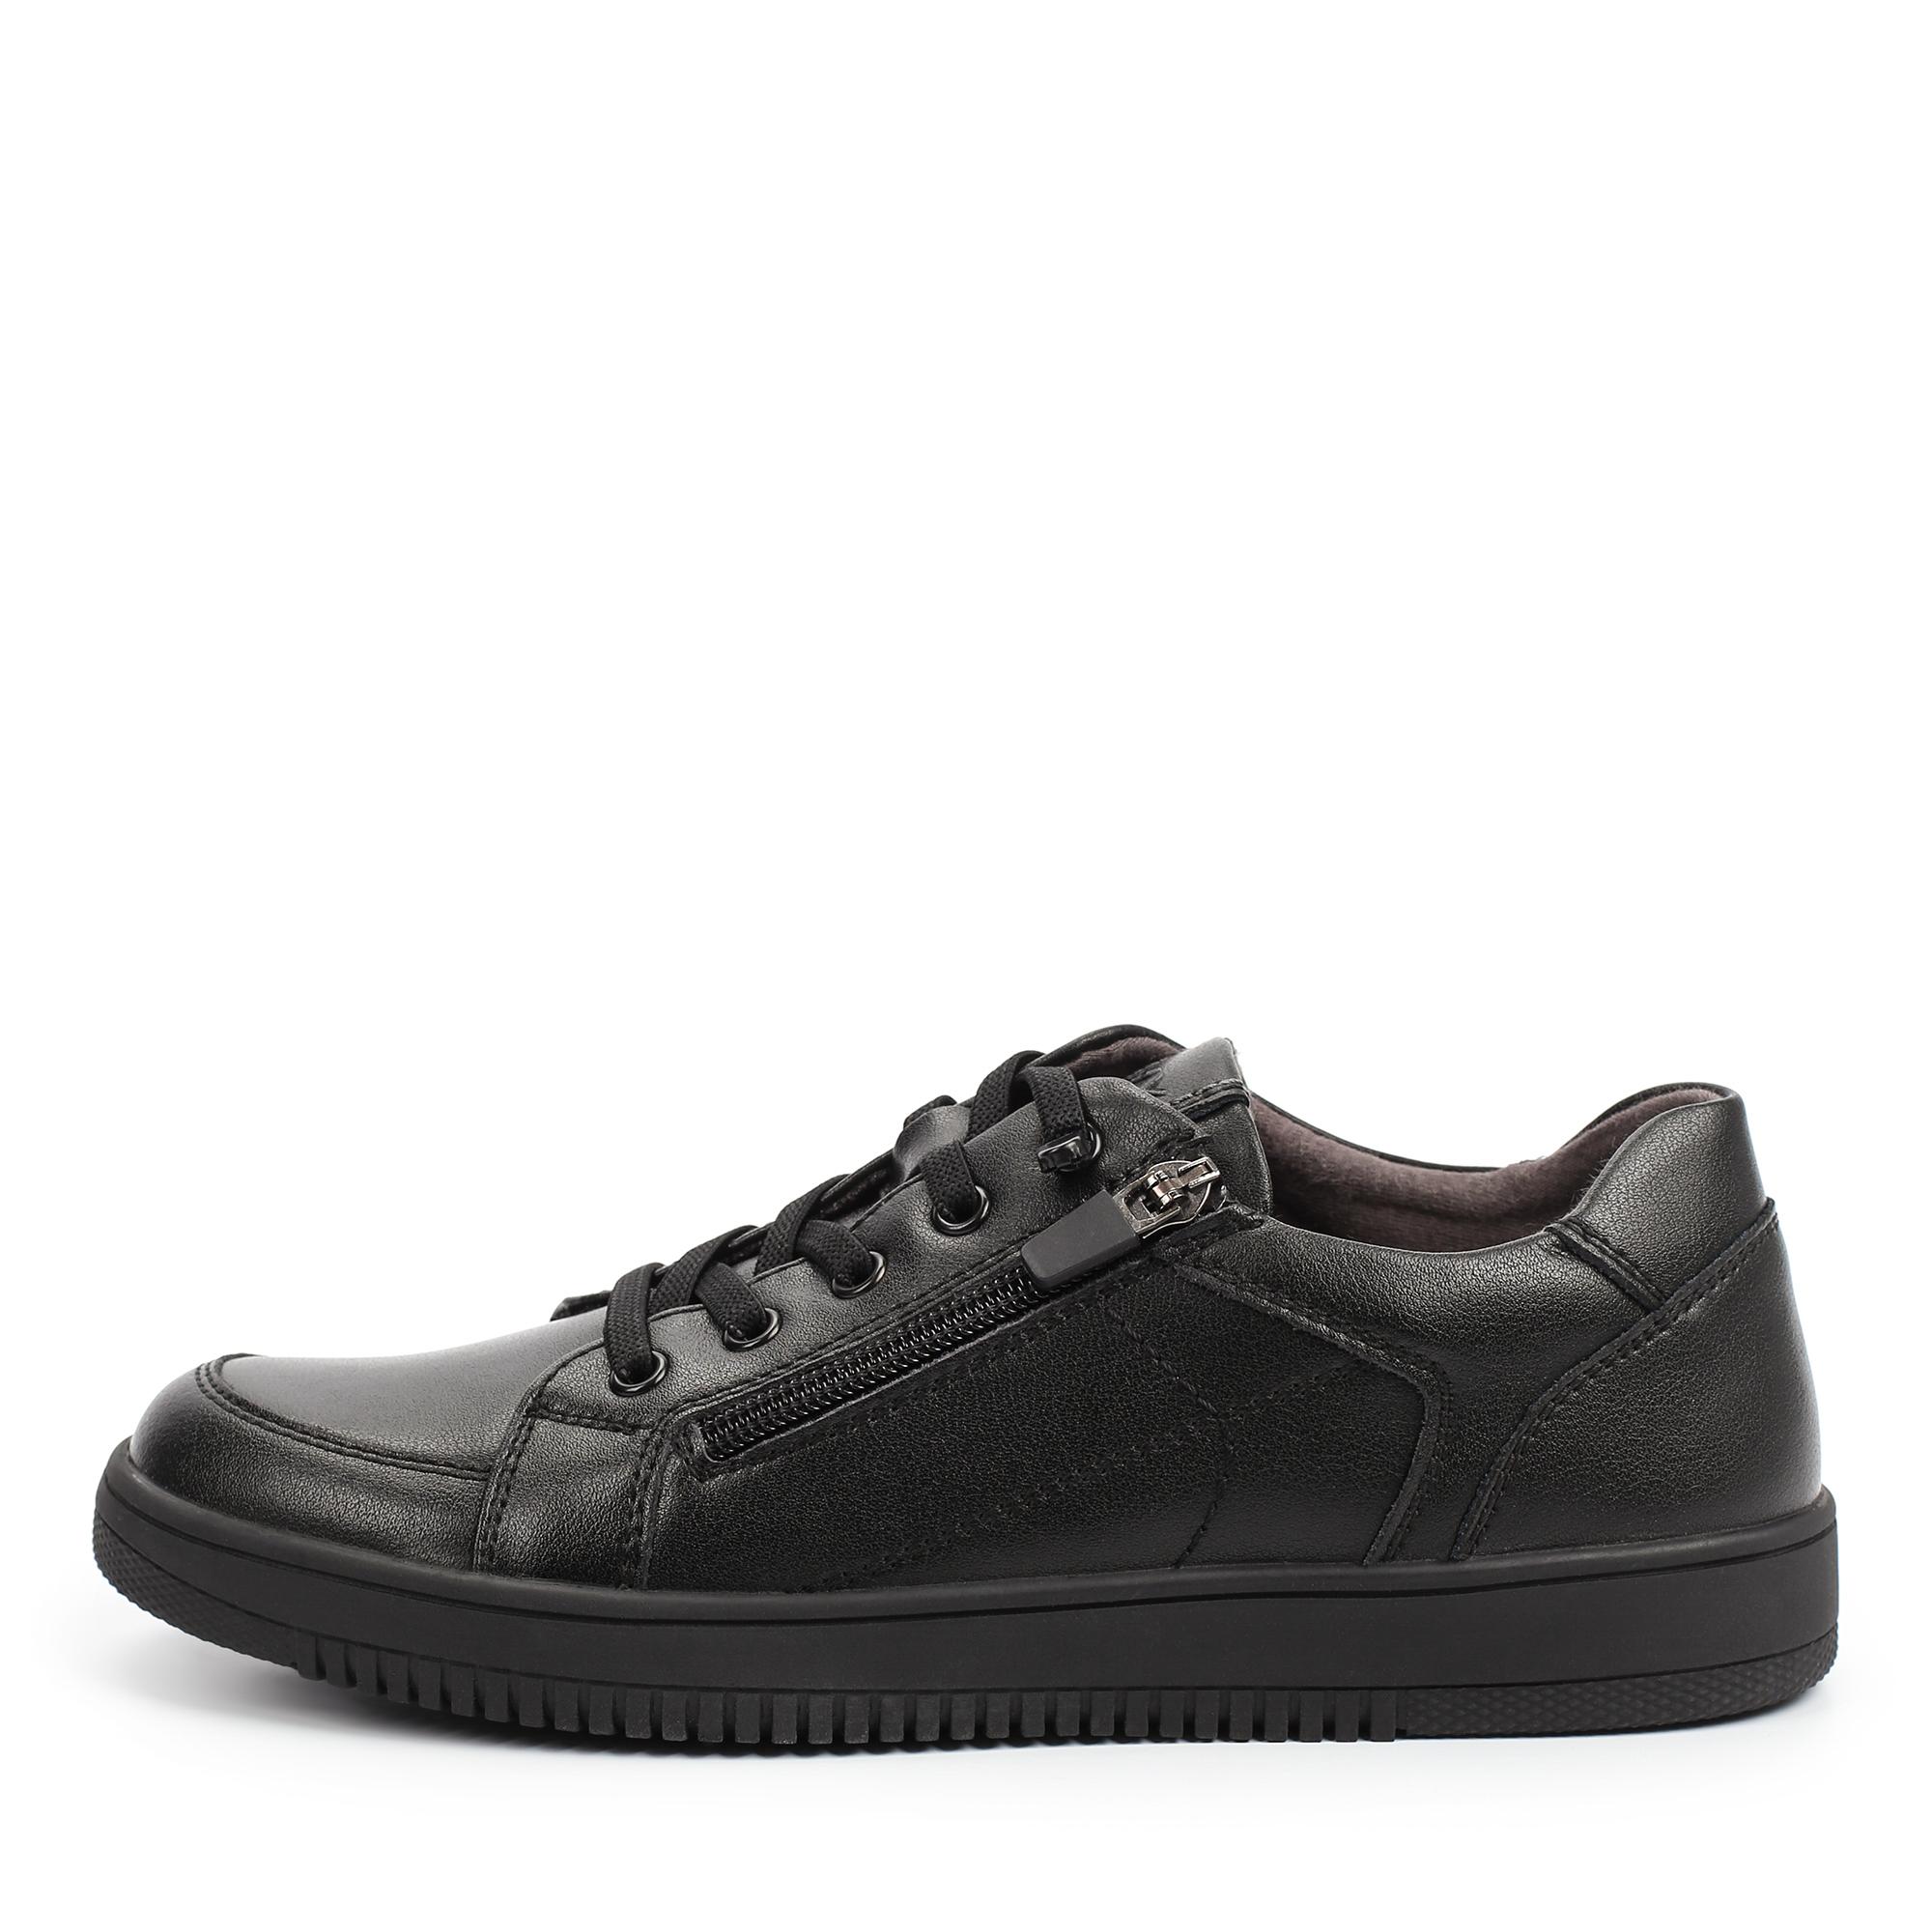 Обувь для мальчиков MUNZ YOUNG 098-280A-2602